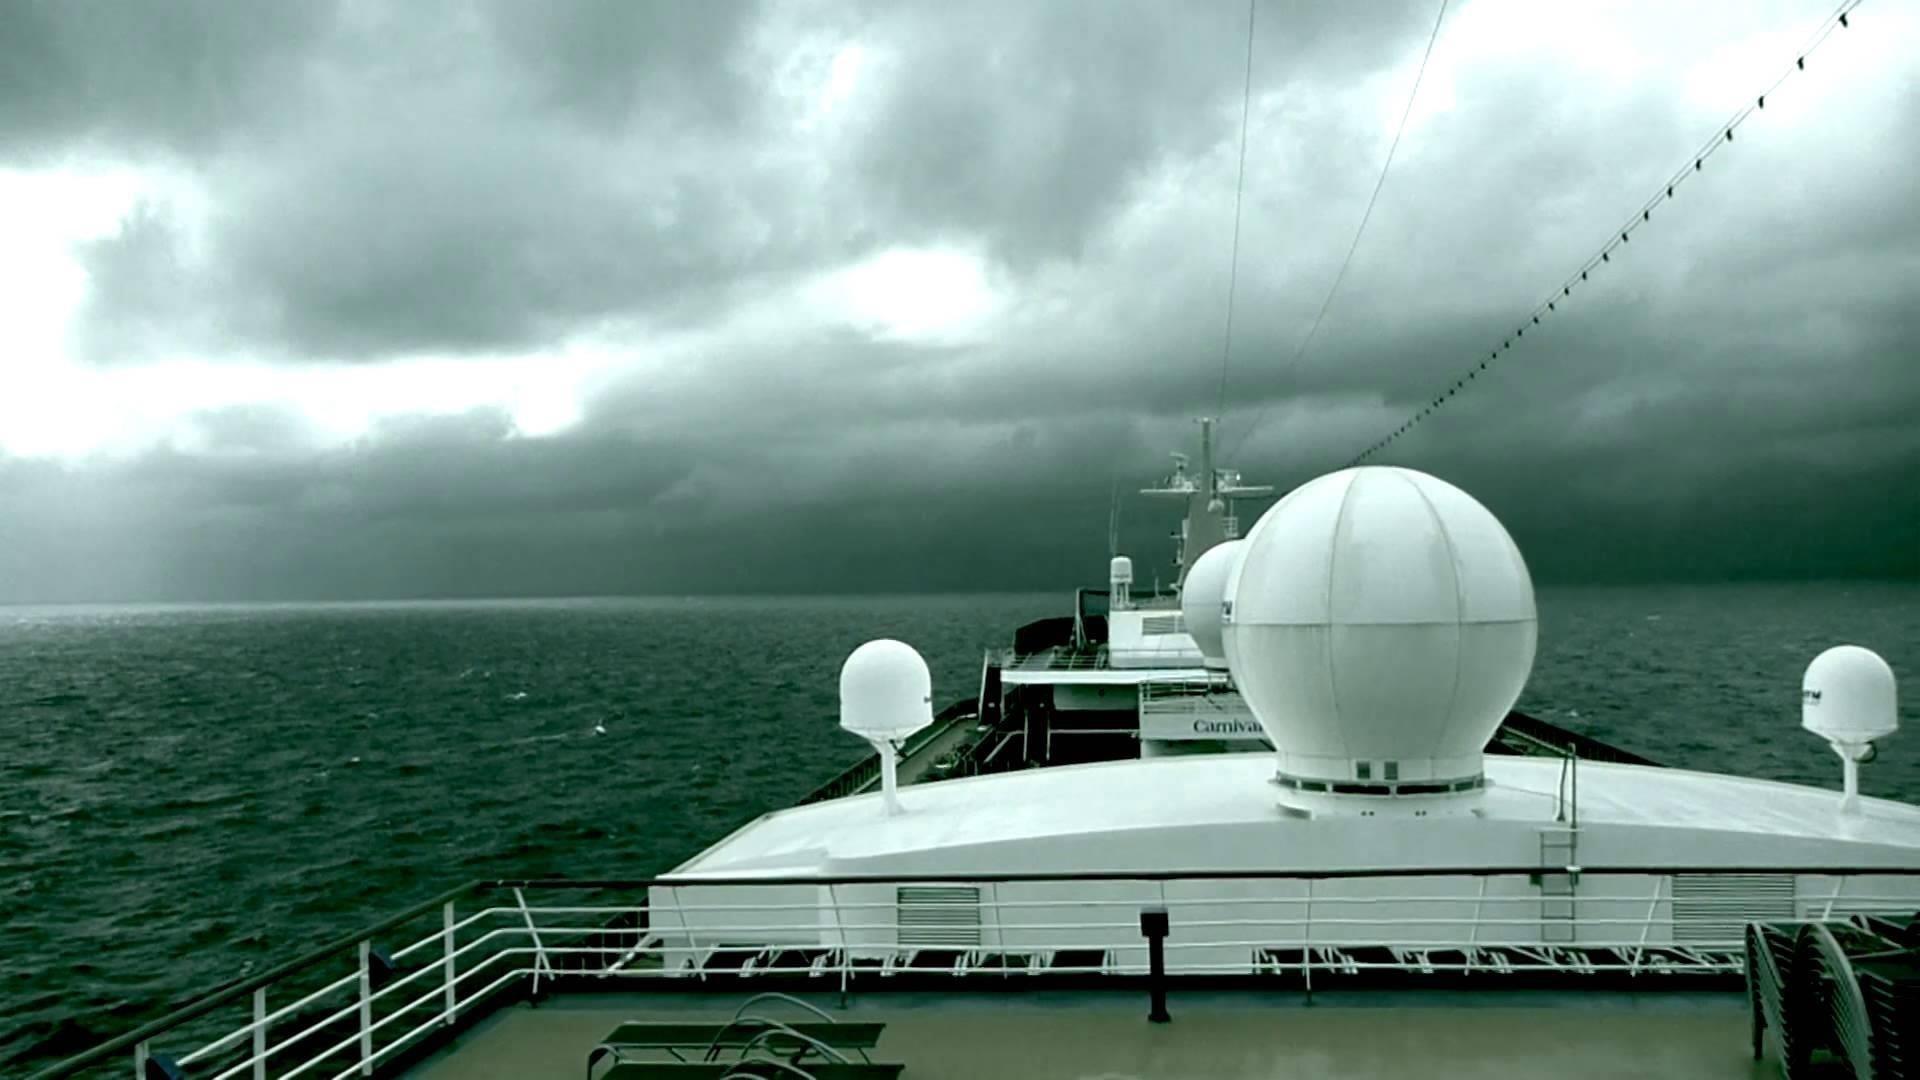 Вид на океан и облачное небо с круизного лайнера круизный лайнер обои скачать